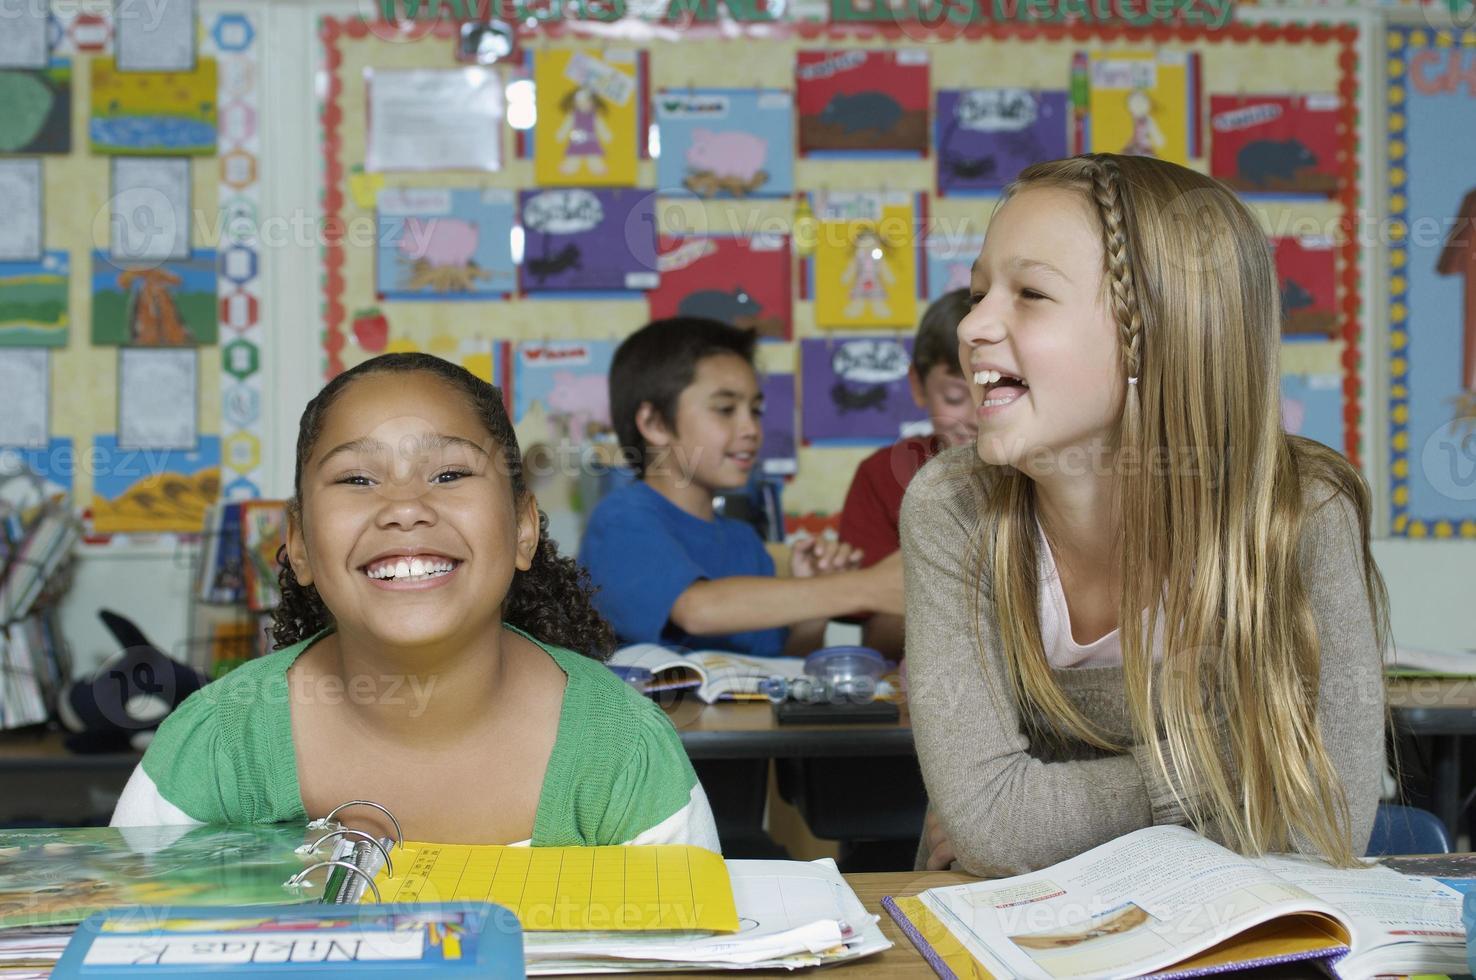 bambini a scuola foto